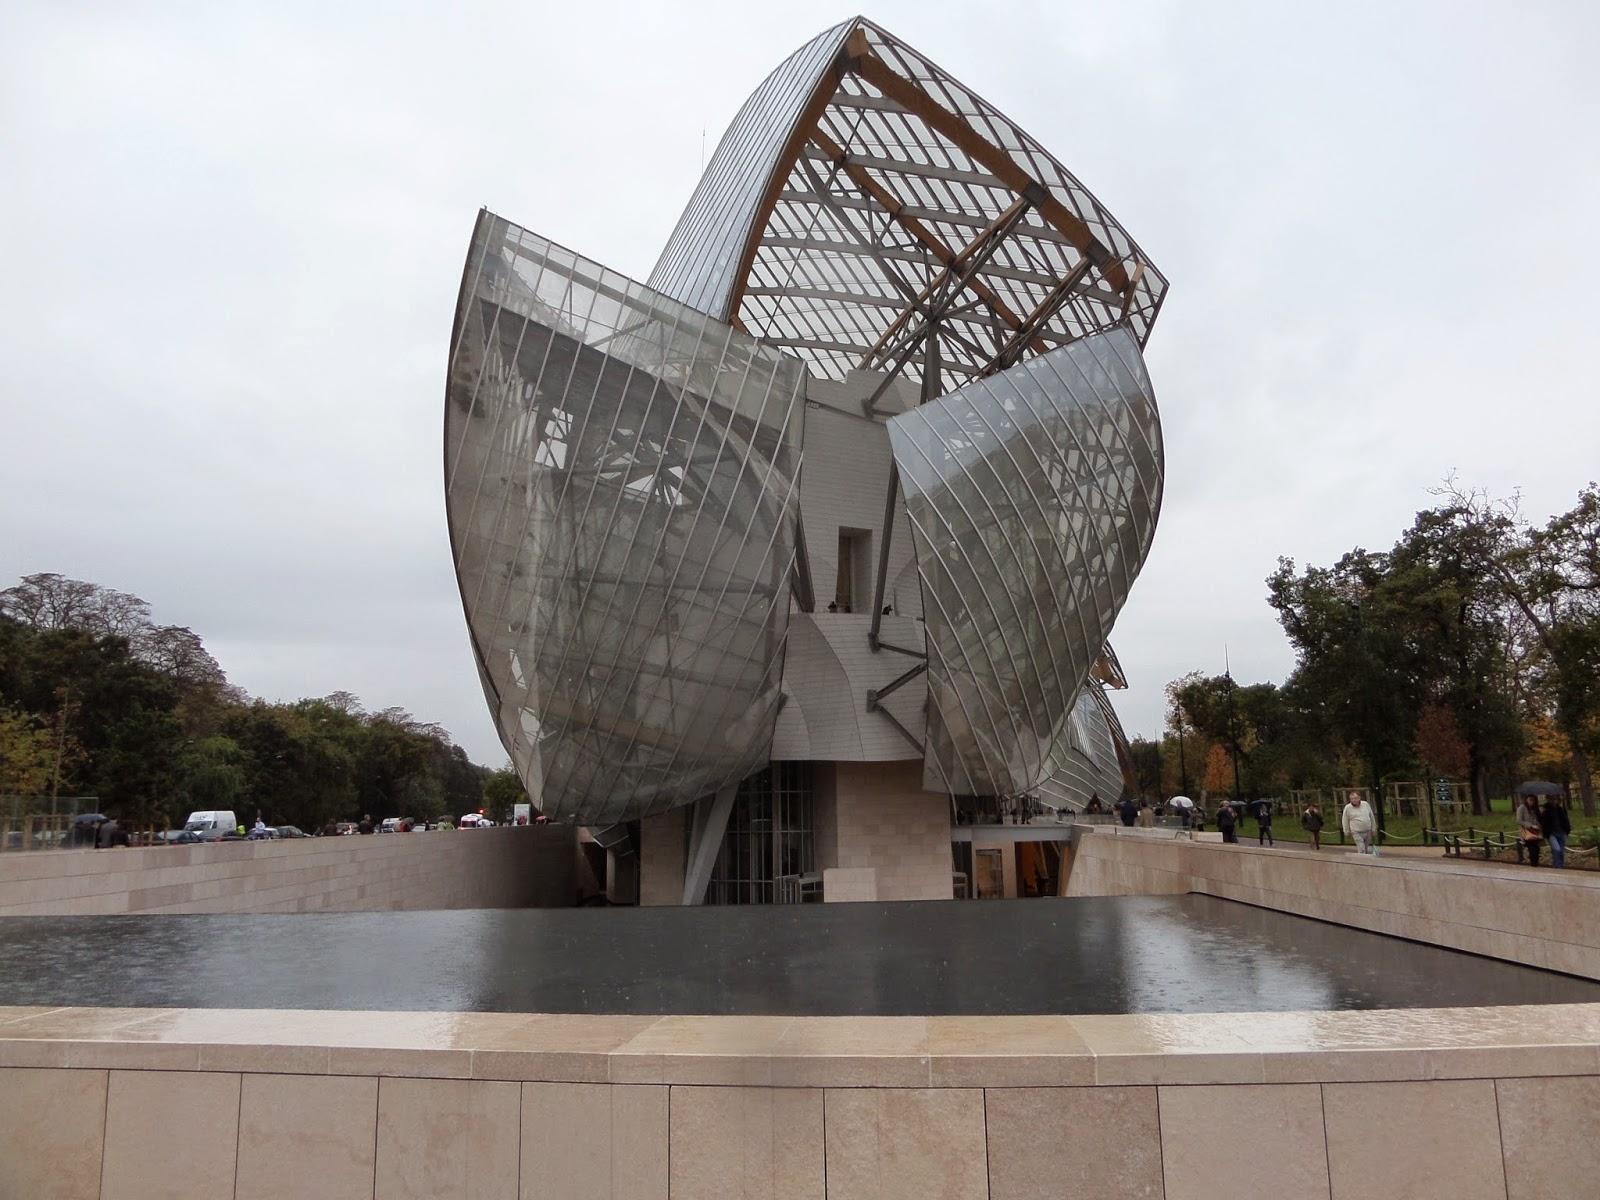 【日曜ルポ】シャンパンの泡味は有名無実か モエトシャンドンやヴィトン基金現代美術館を巡って